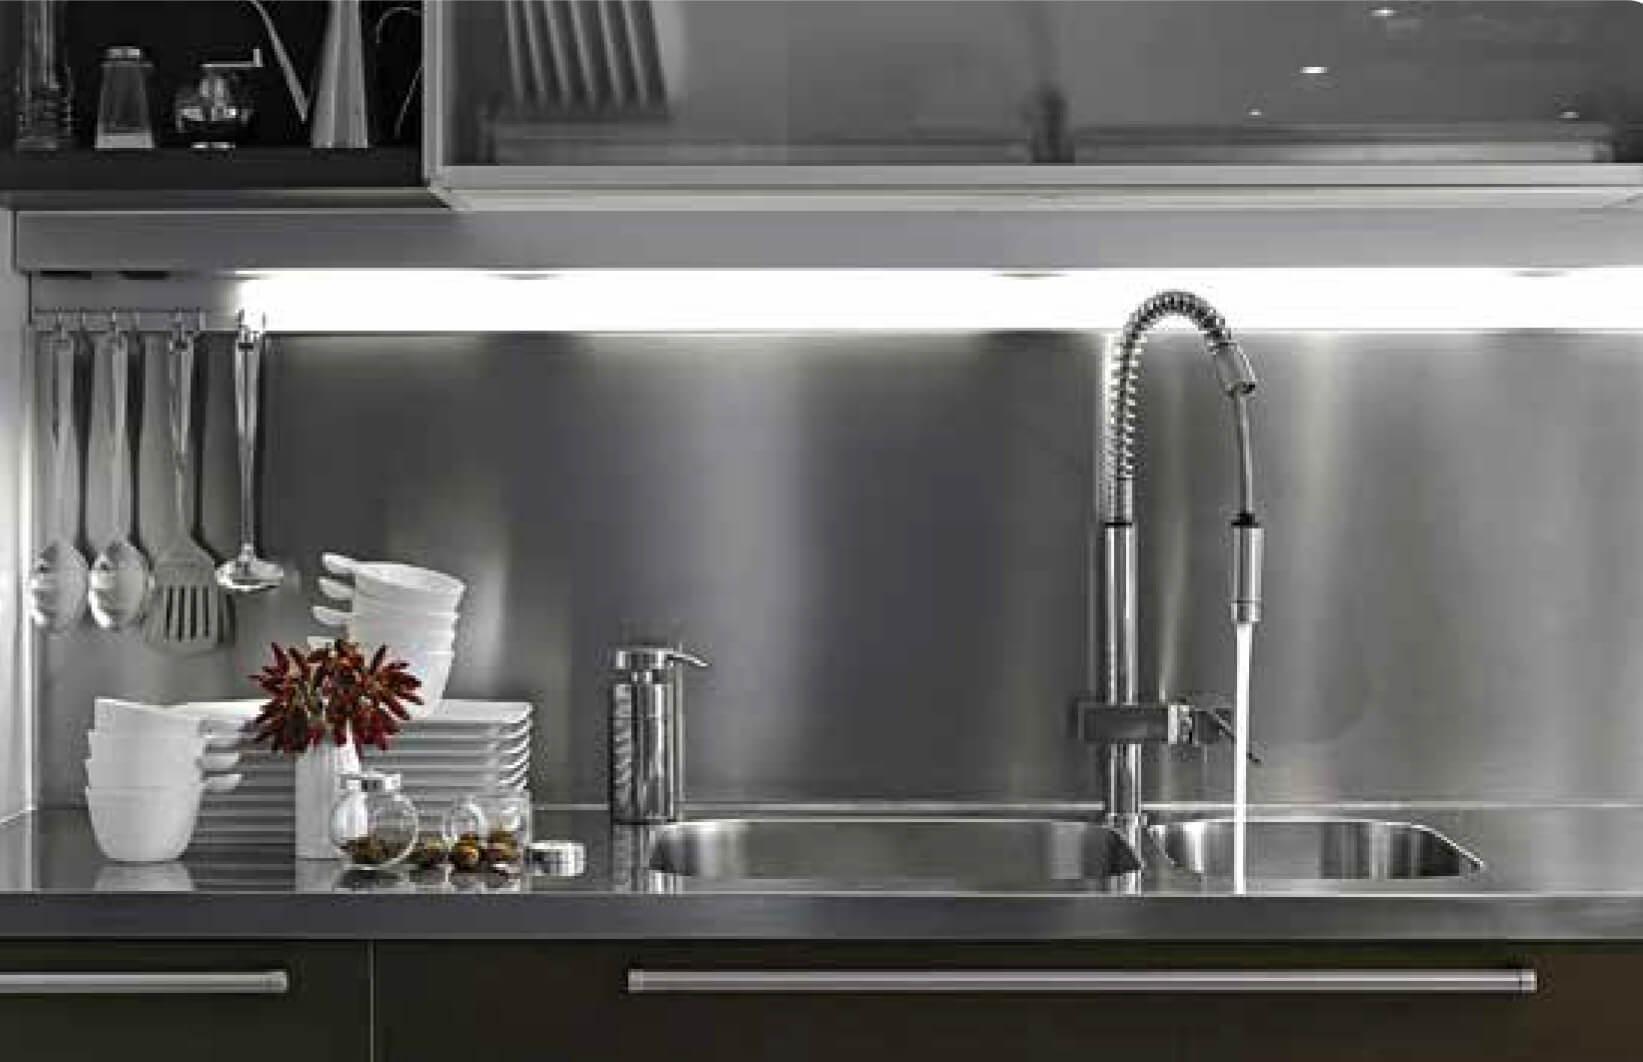 Nordlinger pro plaque composite alu pour cr dence de cuisine - Plaque de zinc pour cuisine ...